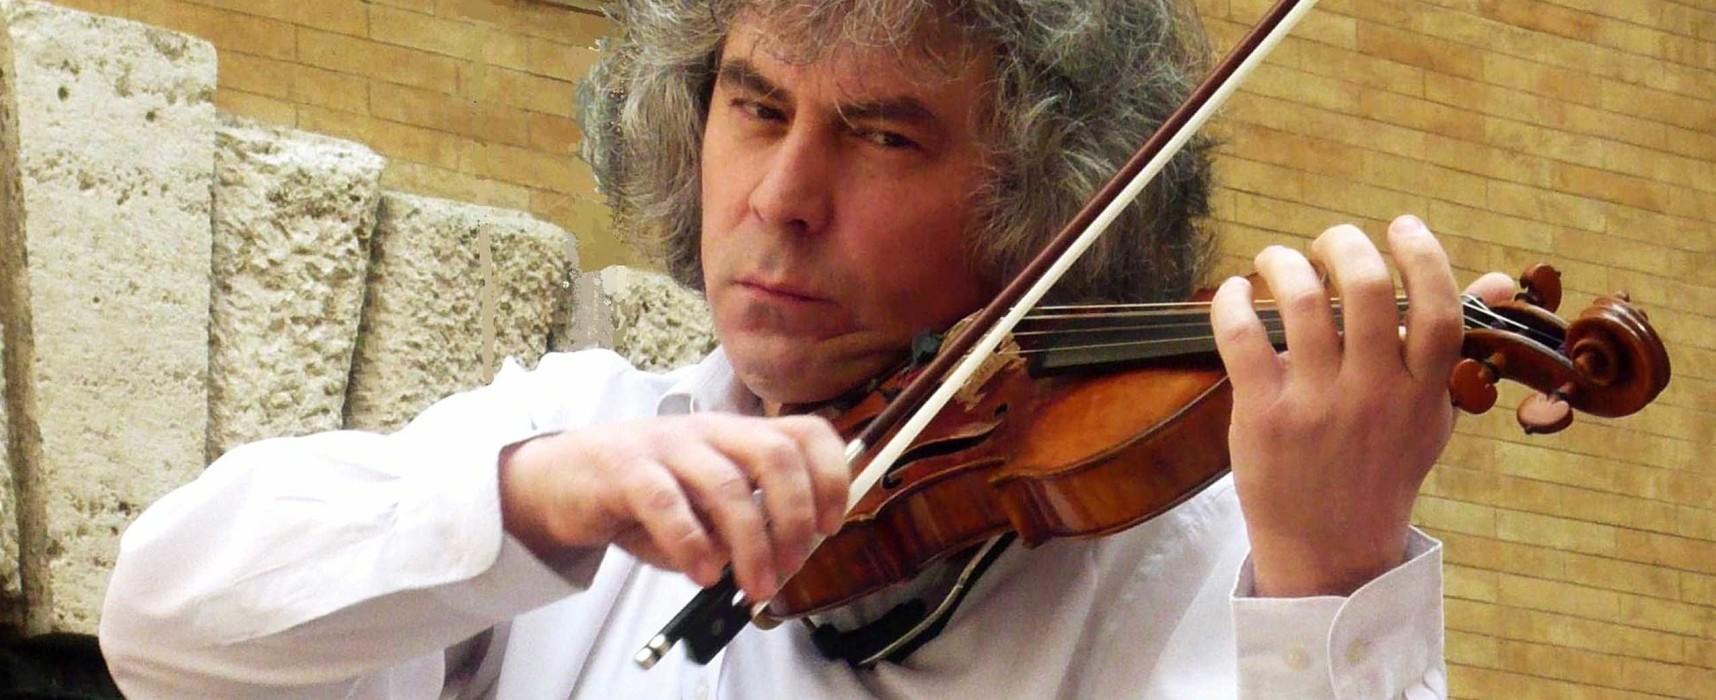 Proxima Musica: masterclass di violino con Girshenko